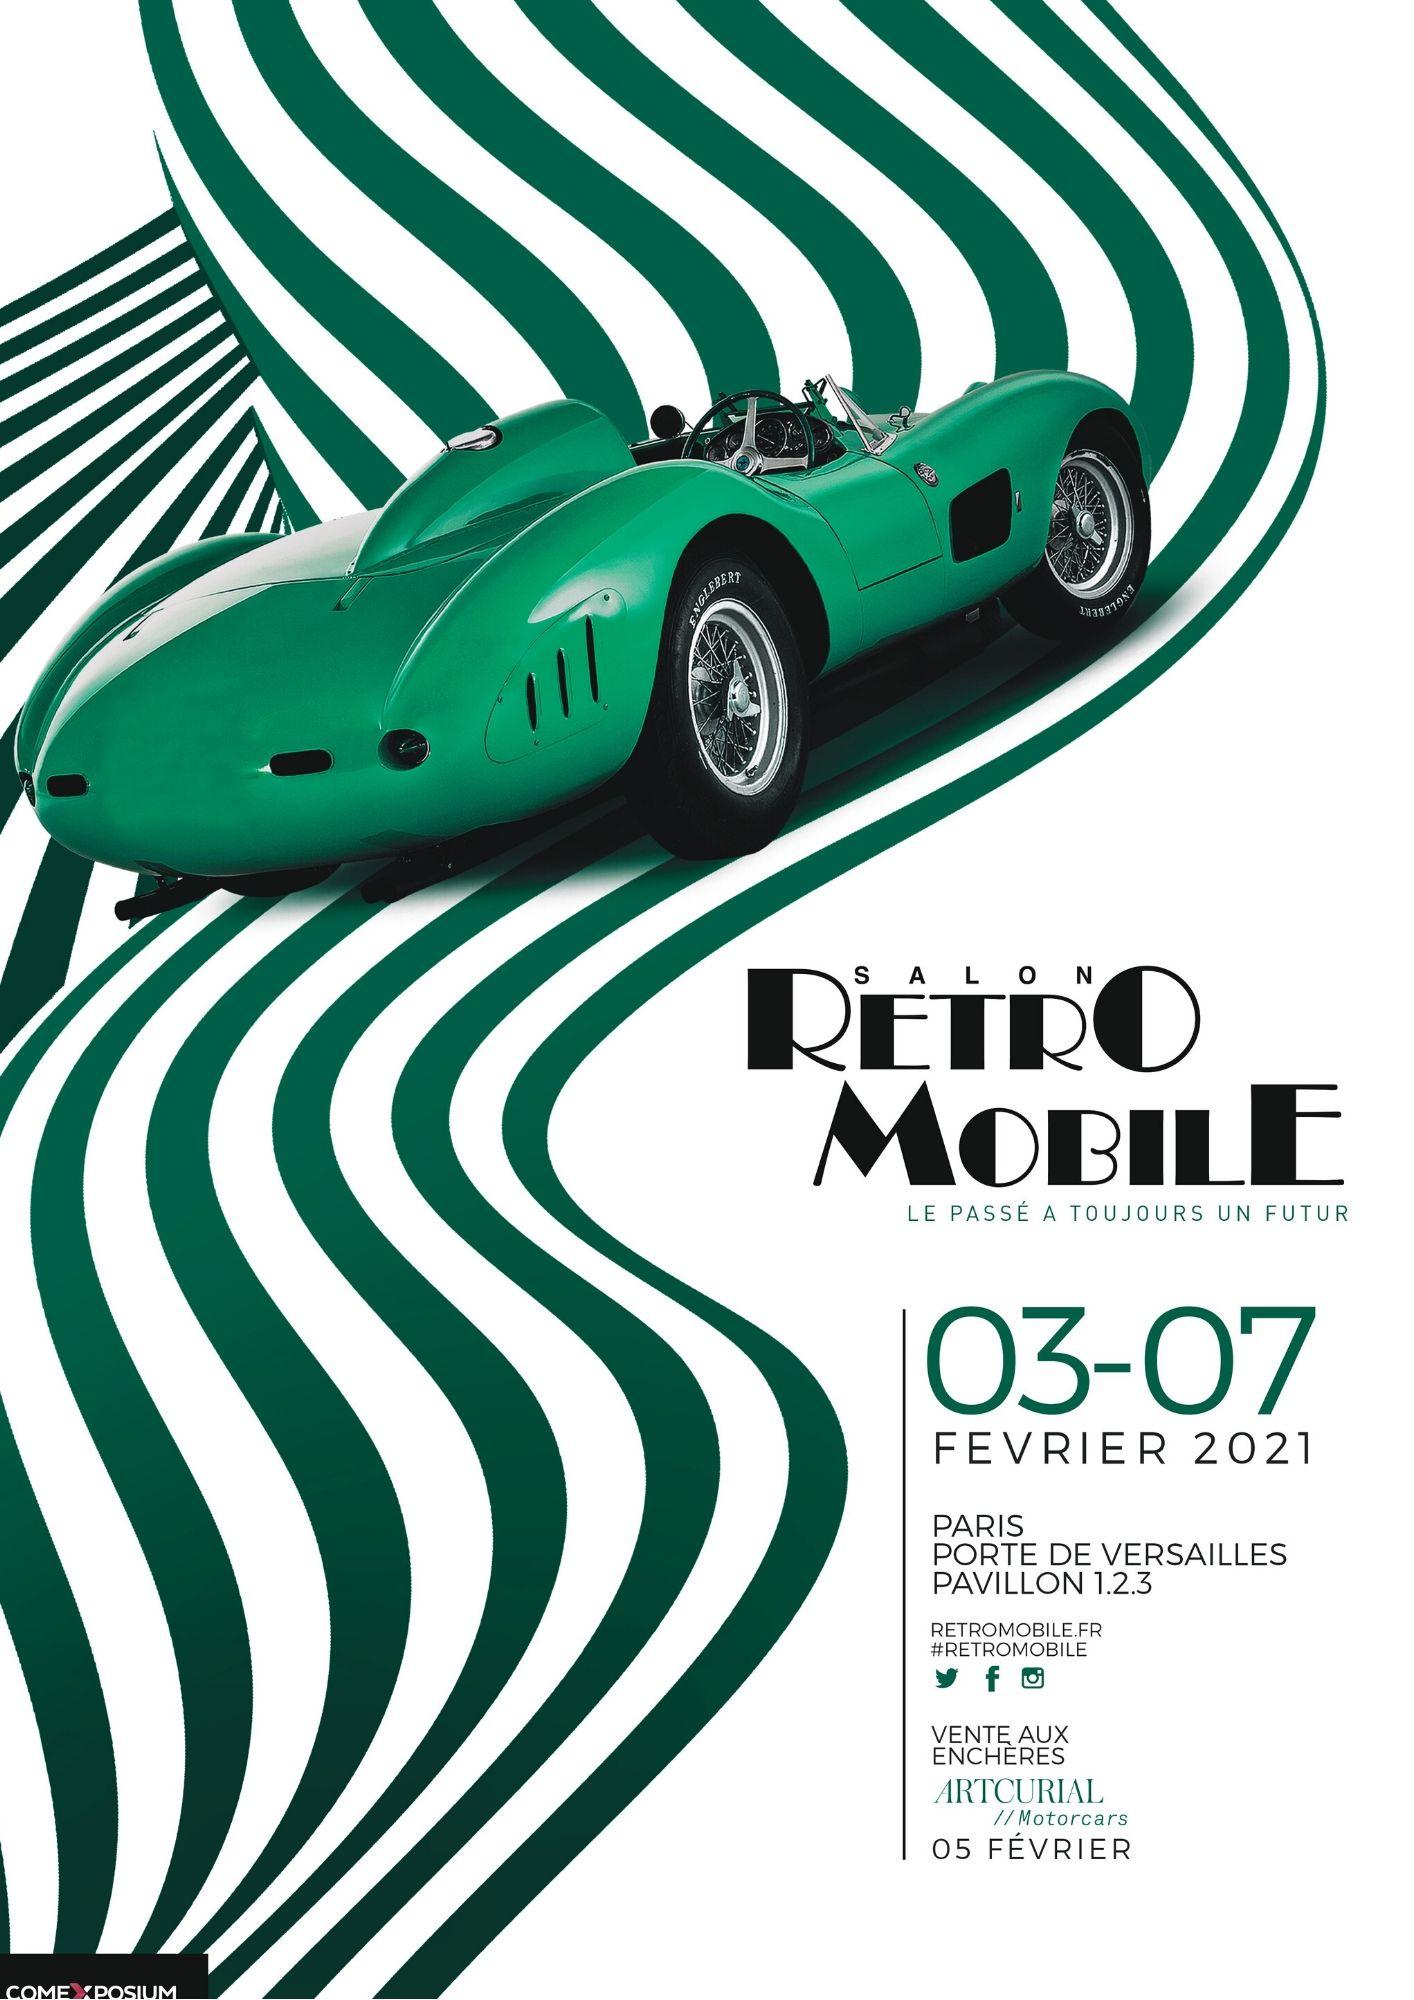 Affiche Rétromobile 2021 Ferrari